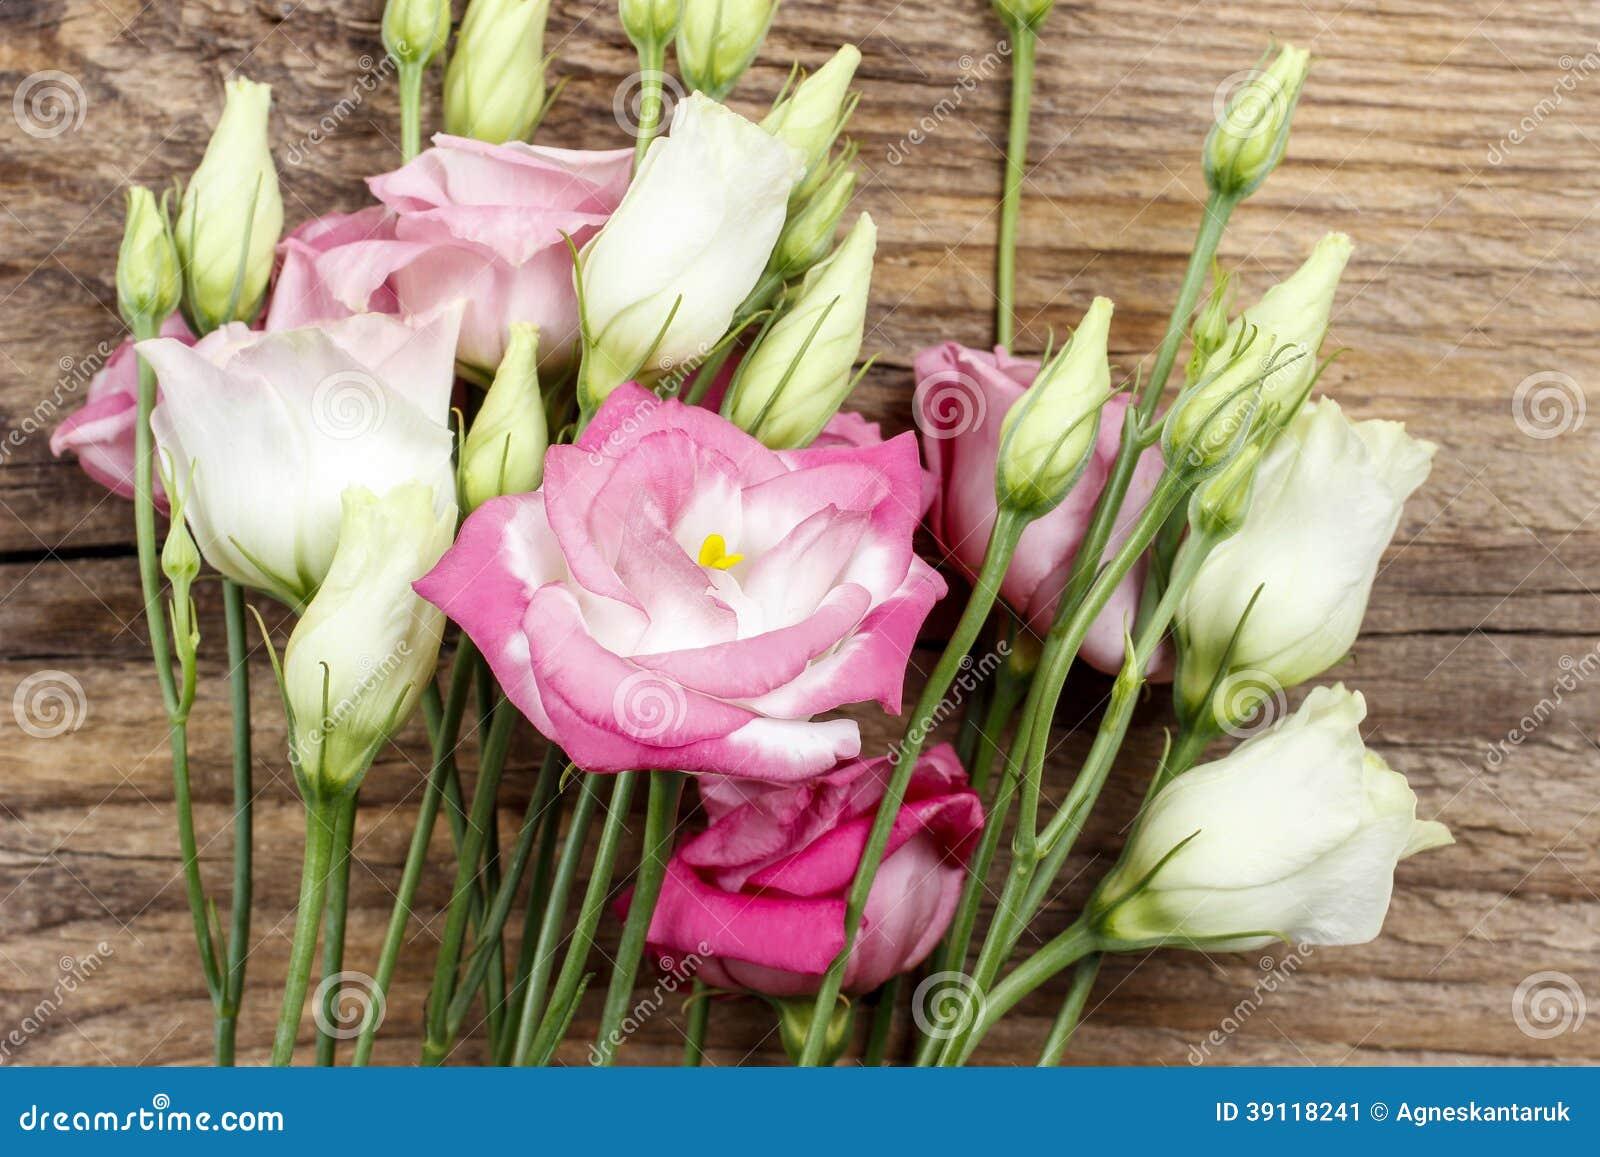 Boeket van roze eustomabloemen